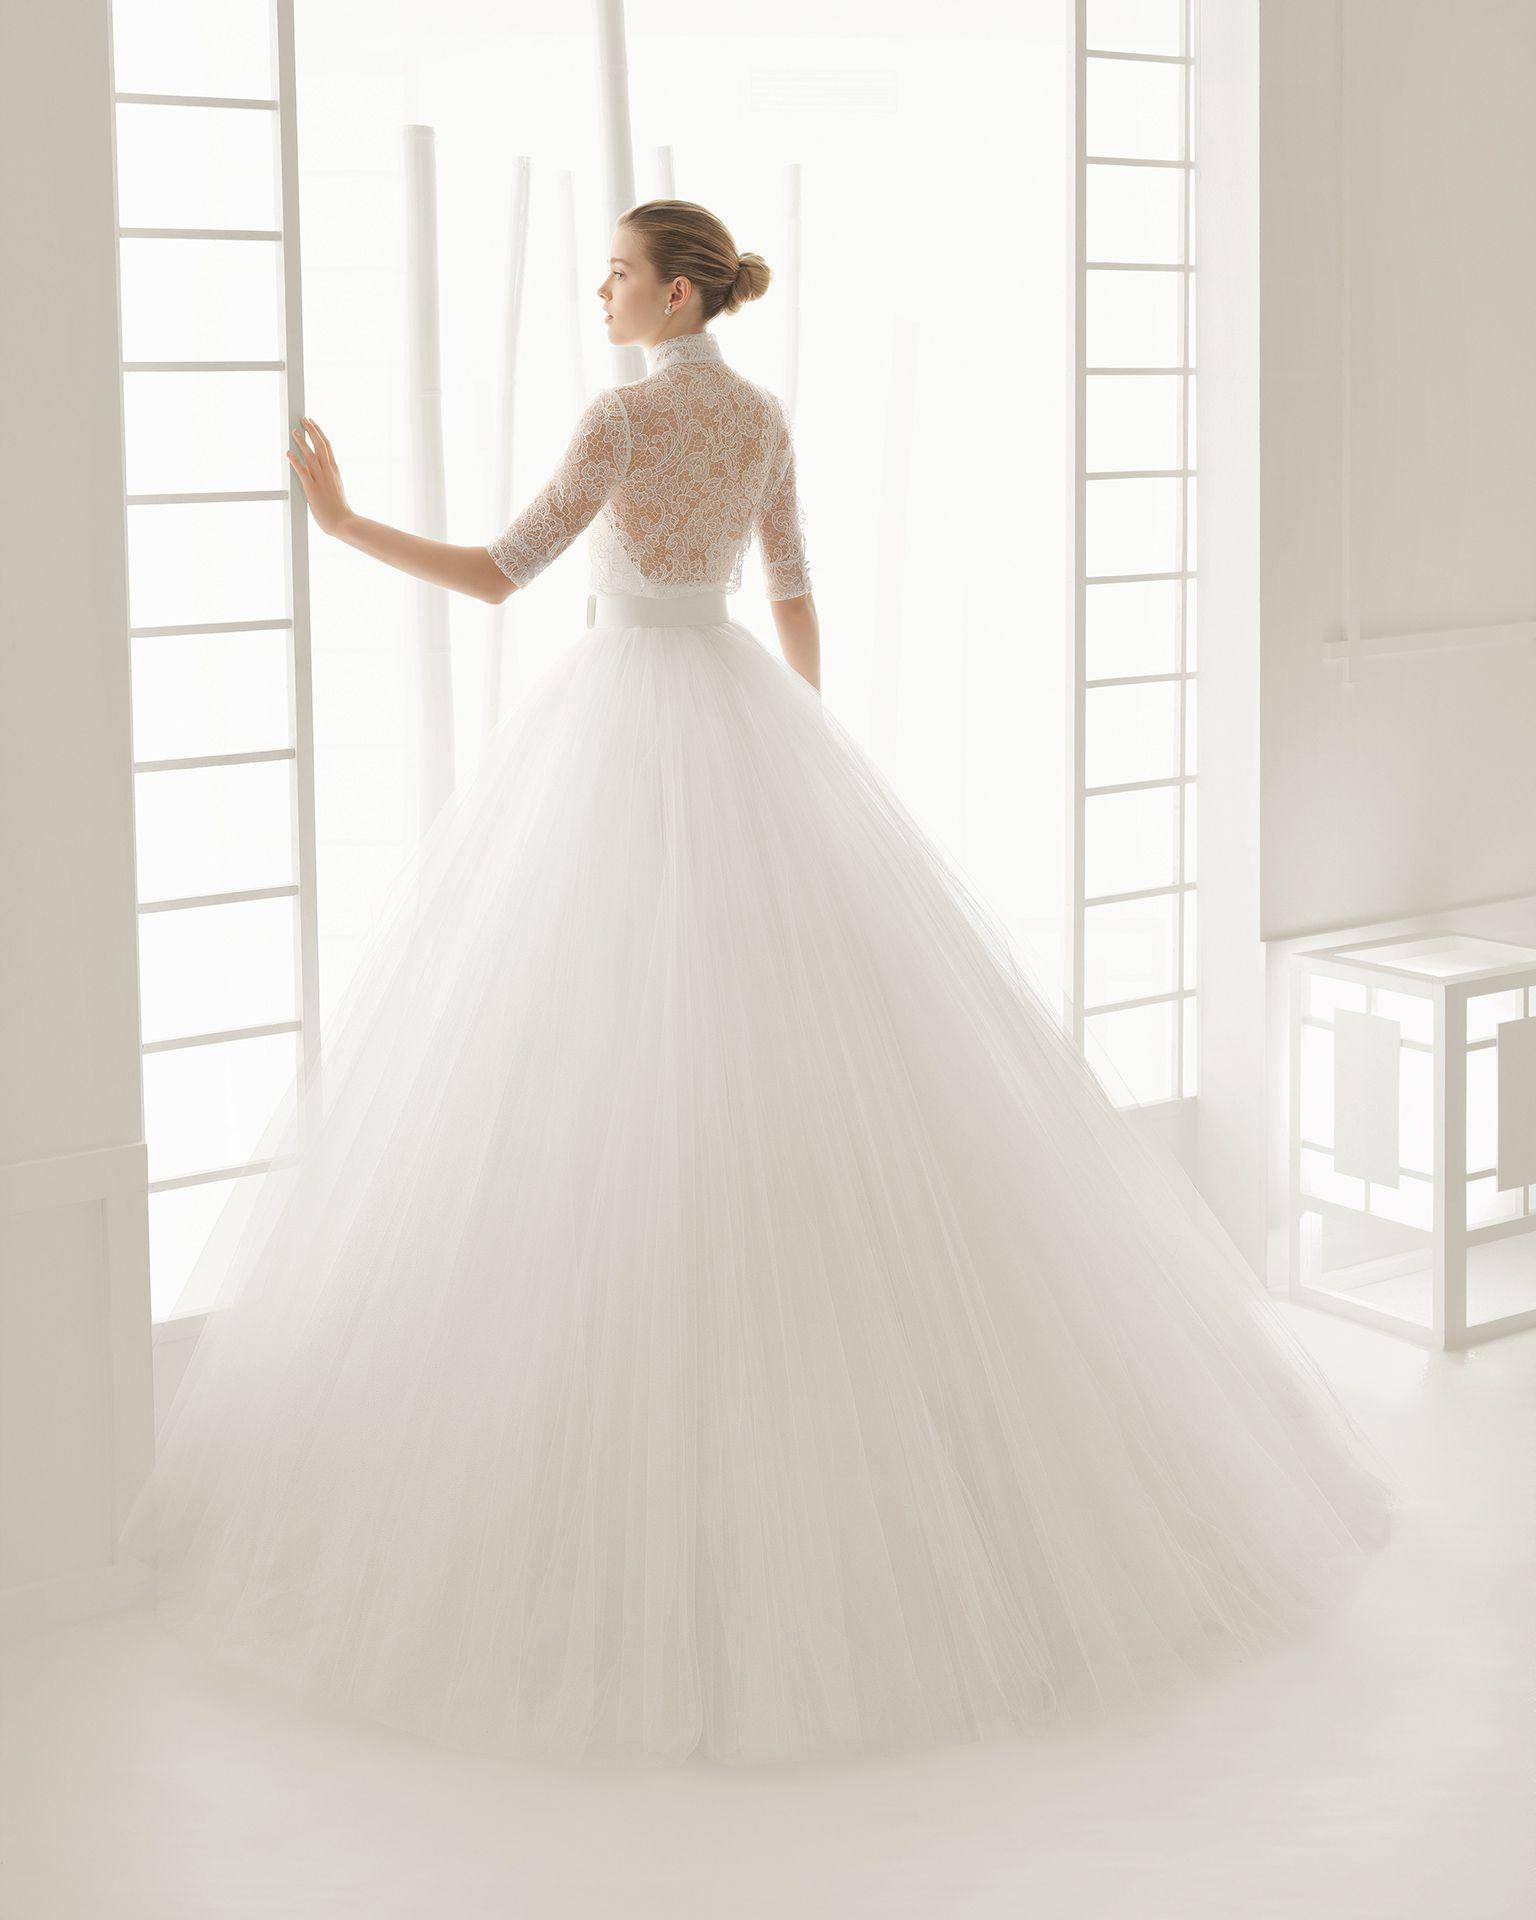 Vestidos de novia y vestidos de fiesta | Faldas de tul, Rosa clará y ...